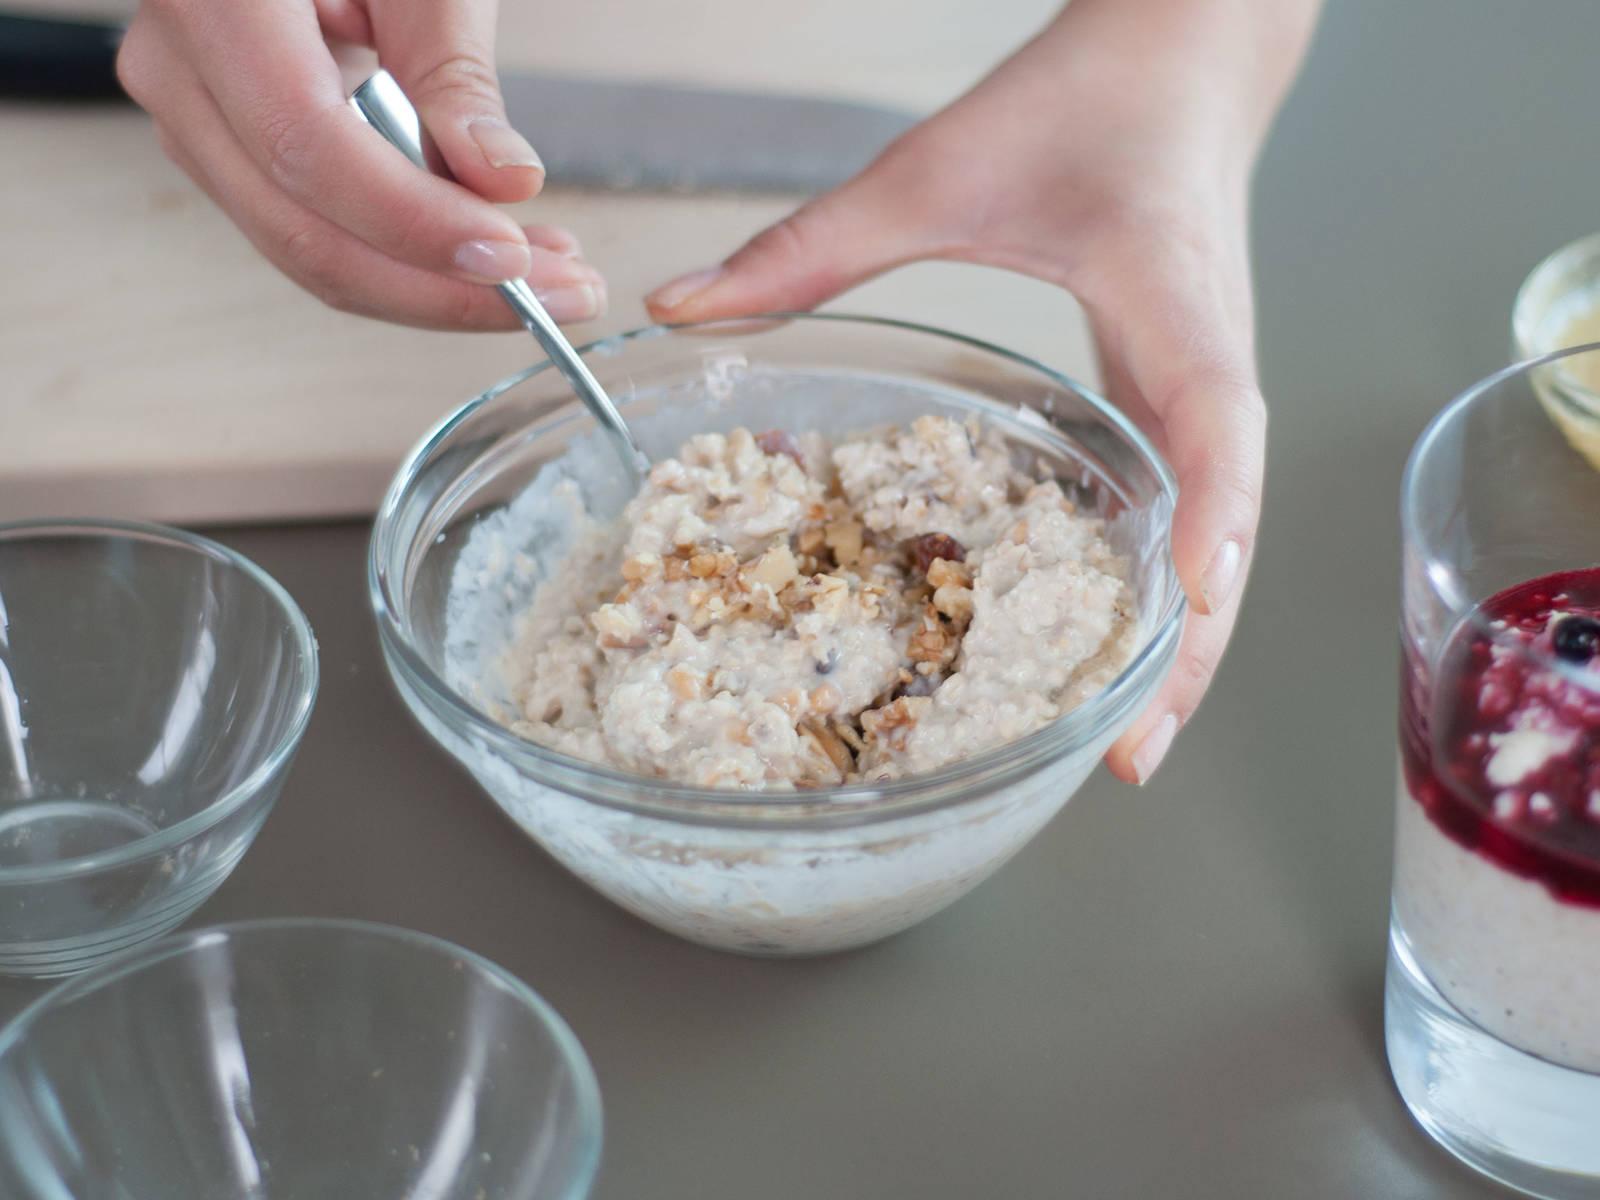 坚果风味燕麦粥的制作方法: 将核桃与什锦坚果切碎,放入小碗中,加入蜂蜜搅拌均匀。拌入三分之一的燕麦粥,再盛入玻璃杯。可根据个人喜好,多撒一些坚果。